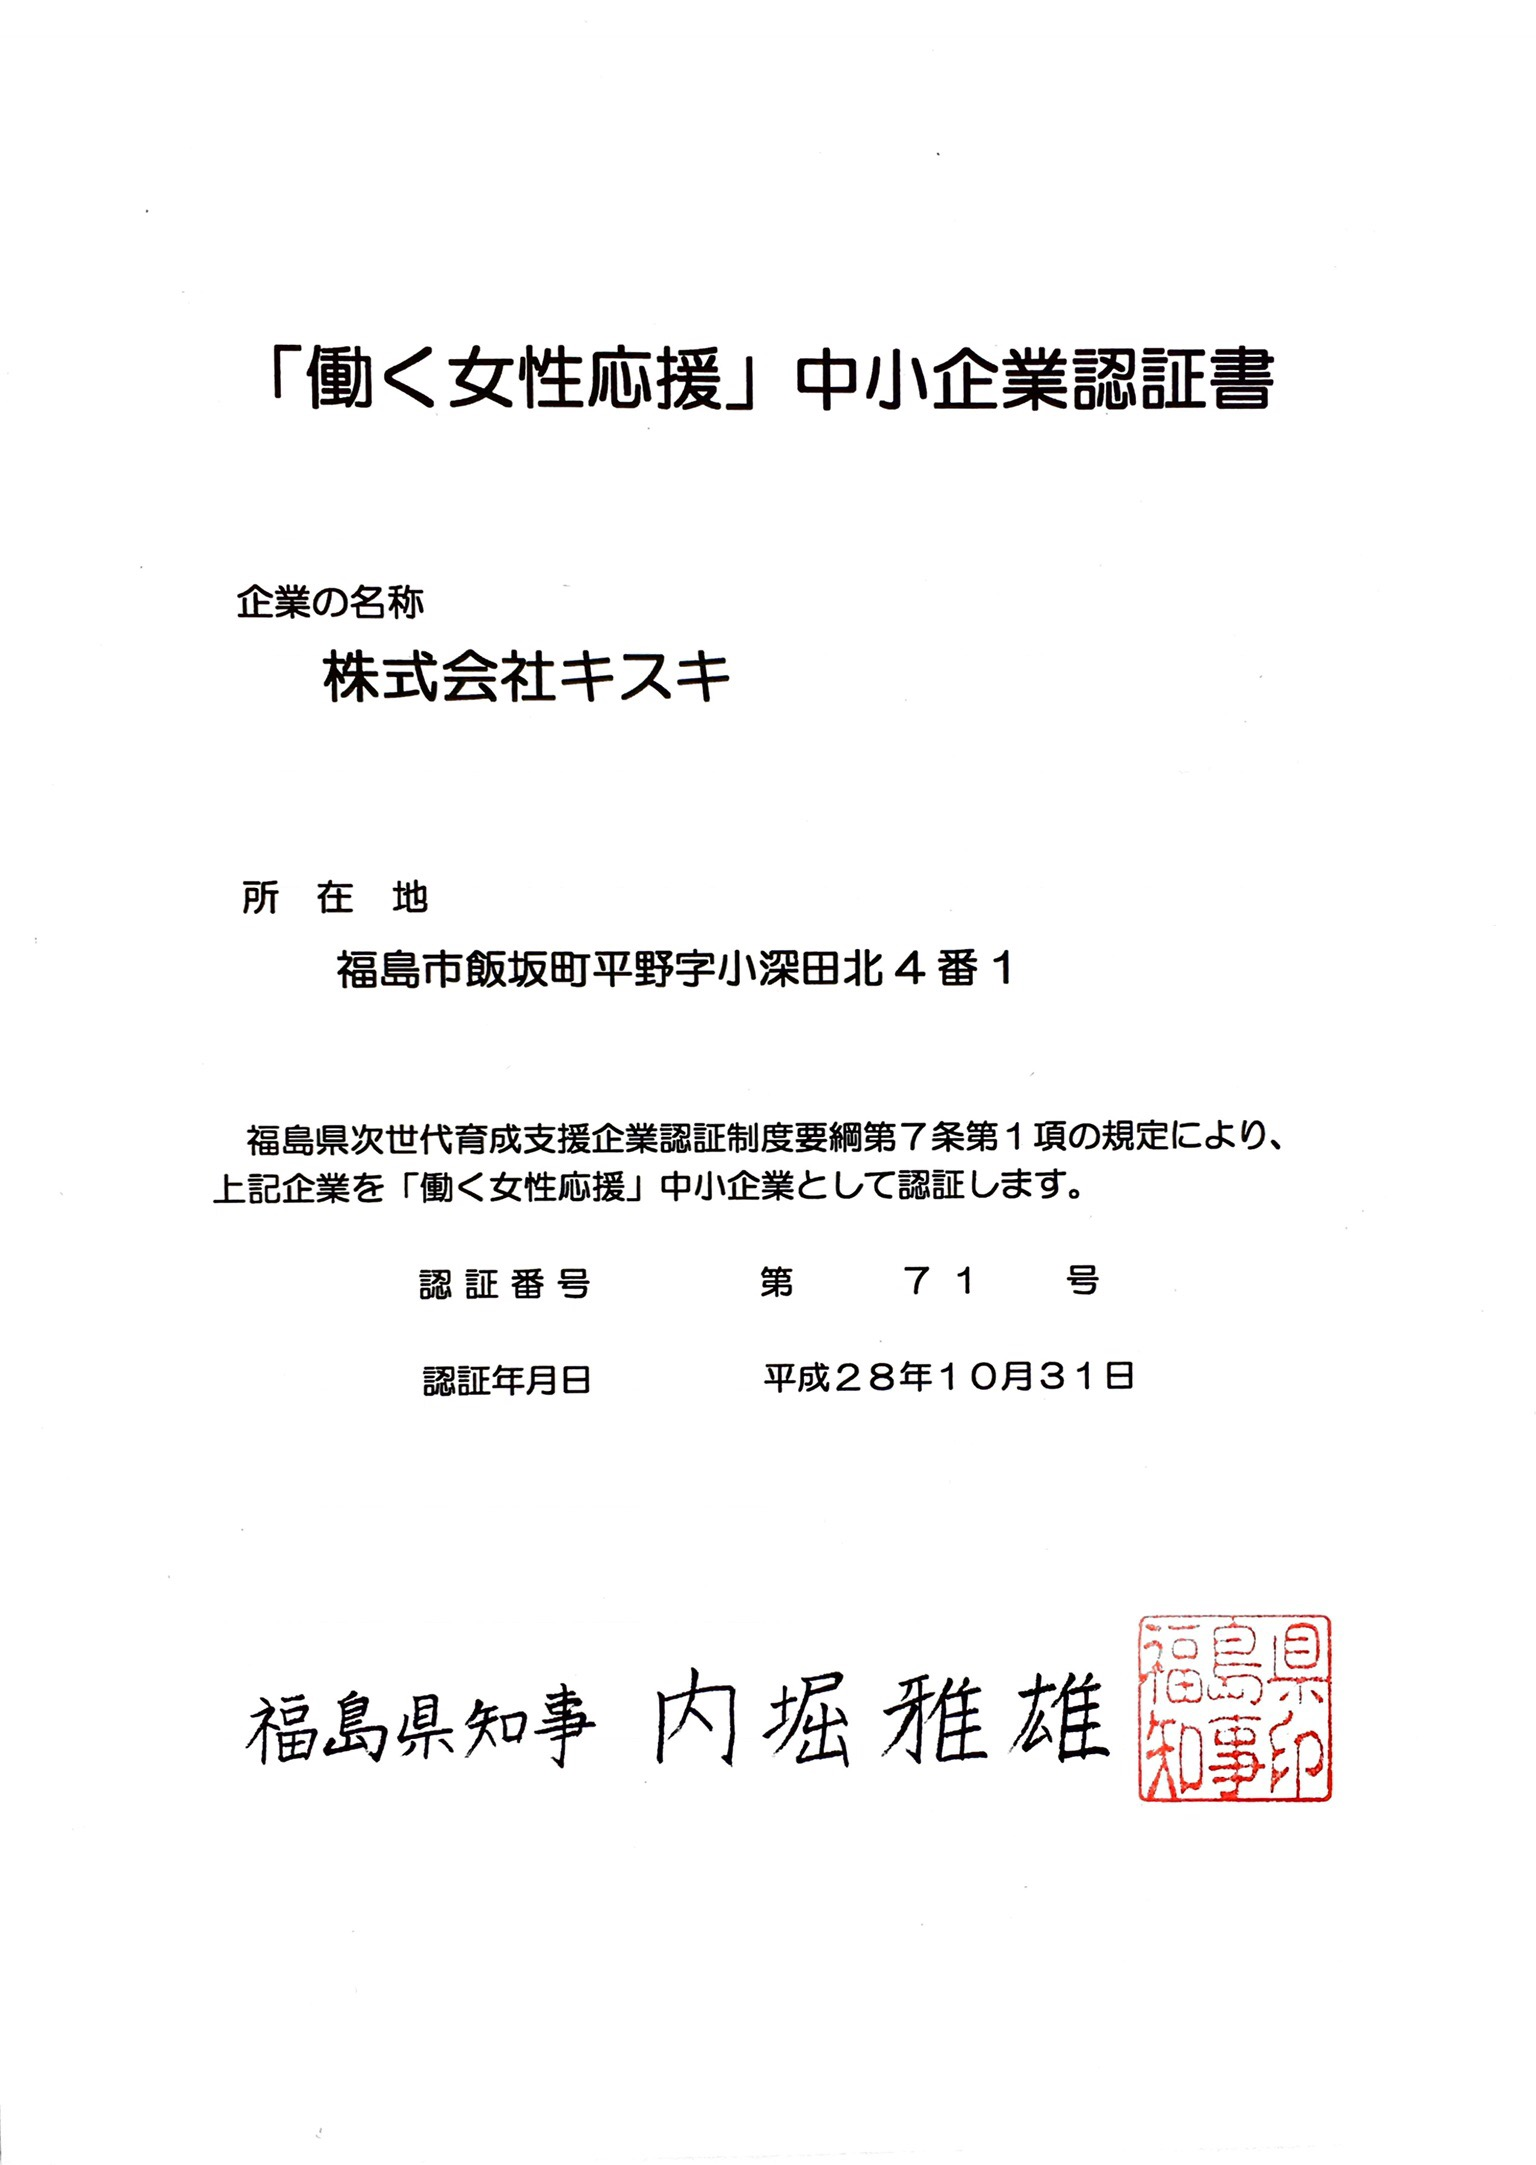 「働く女性応援」中小企業認証書